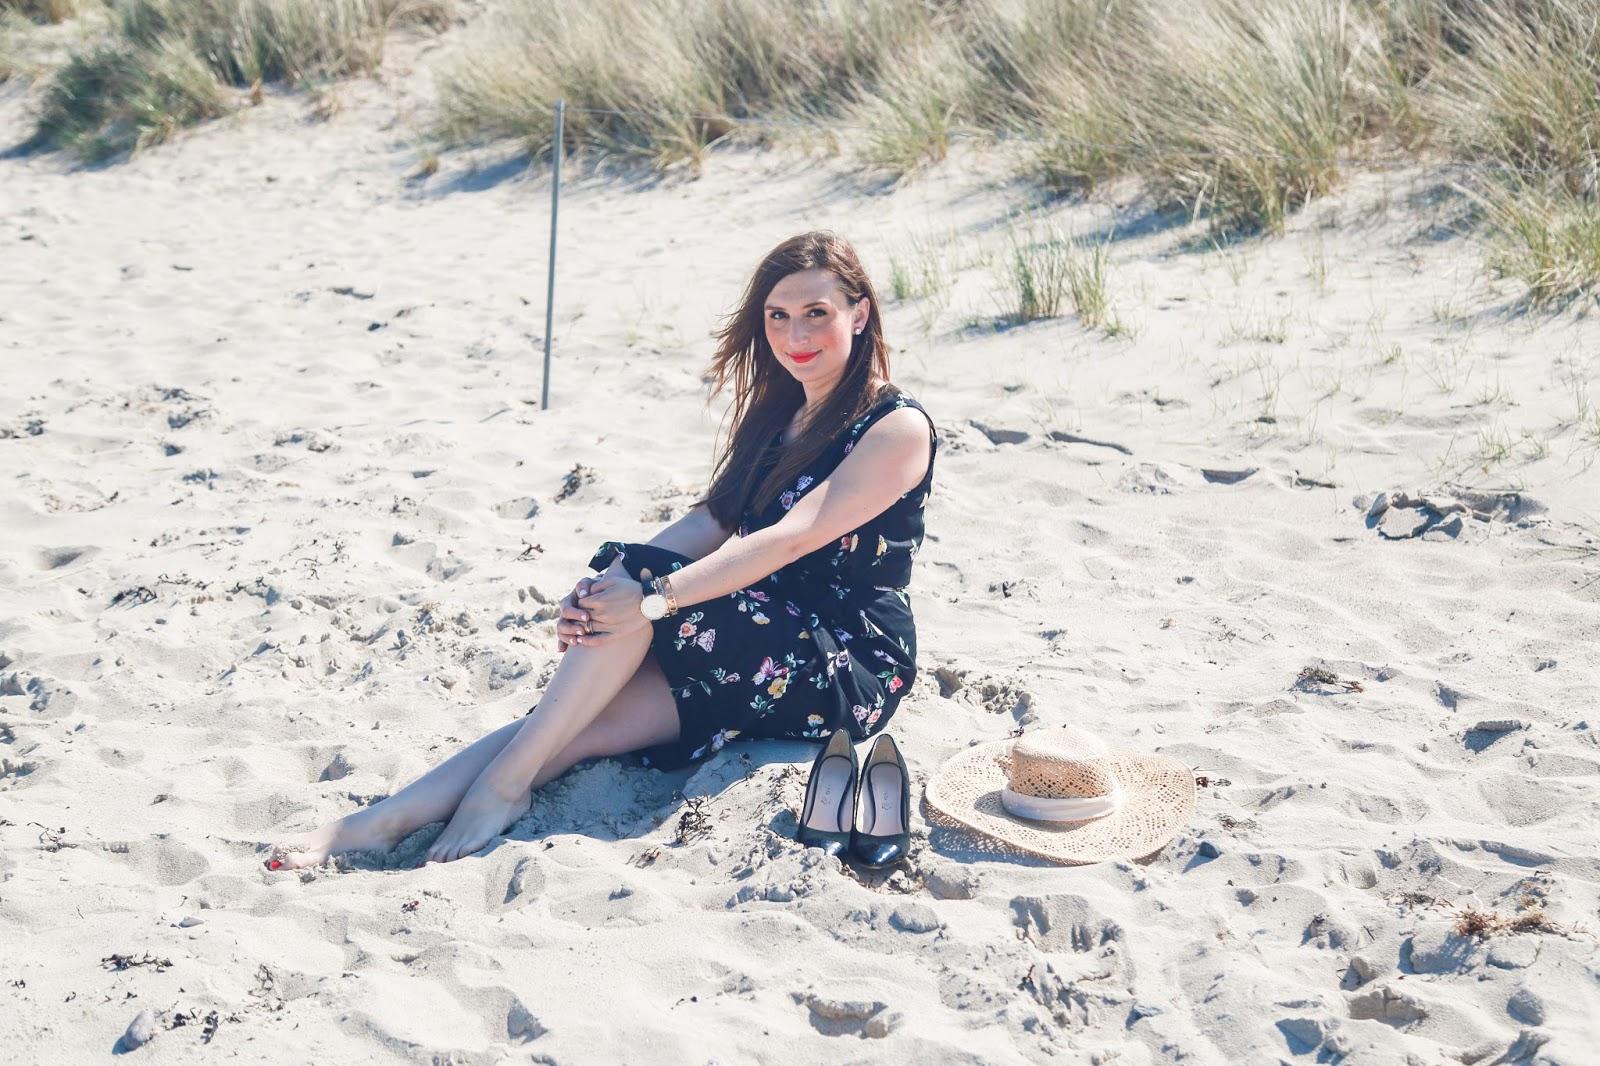 Fashionblogger aus Deutschland - Blogger aus Frankfurt - Fashionstylebyjohanna